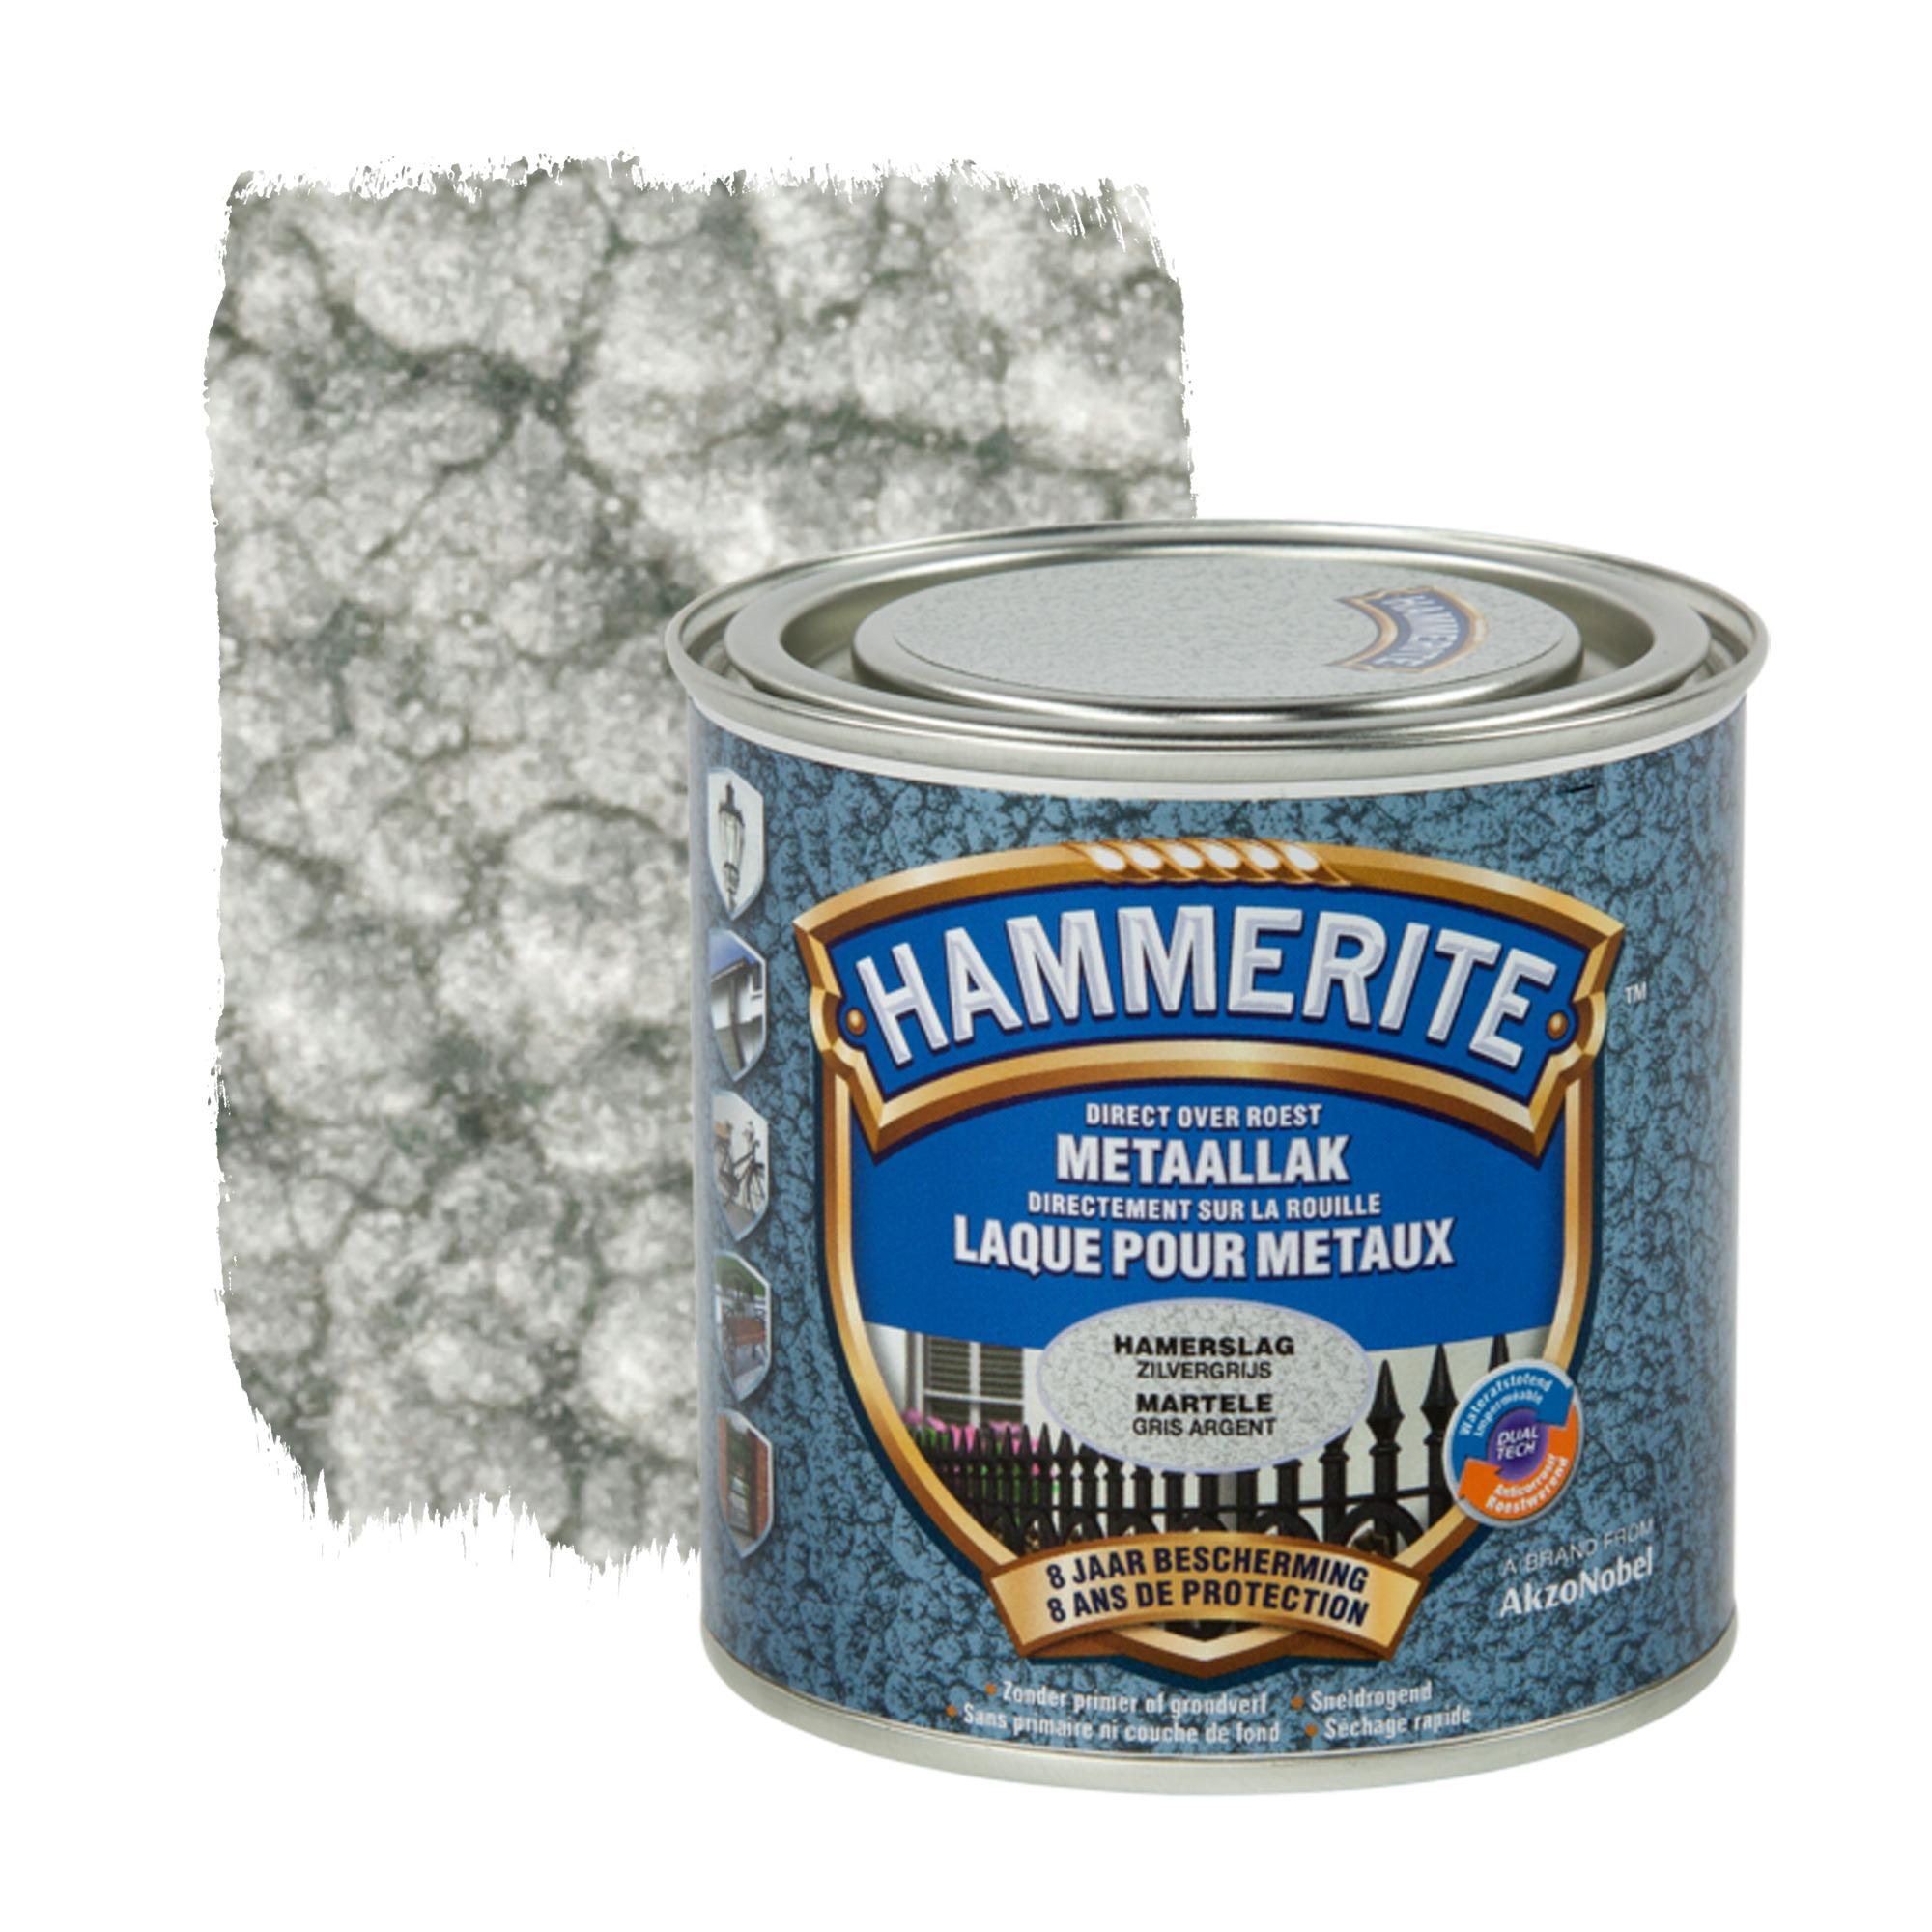 Hammerite metaallak hamerslag zilvergrijs 250 ml ...